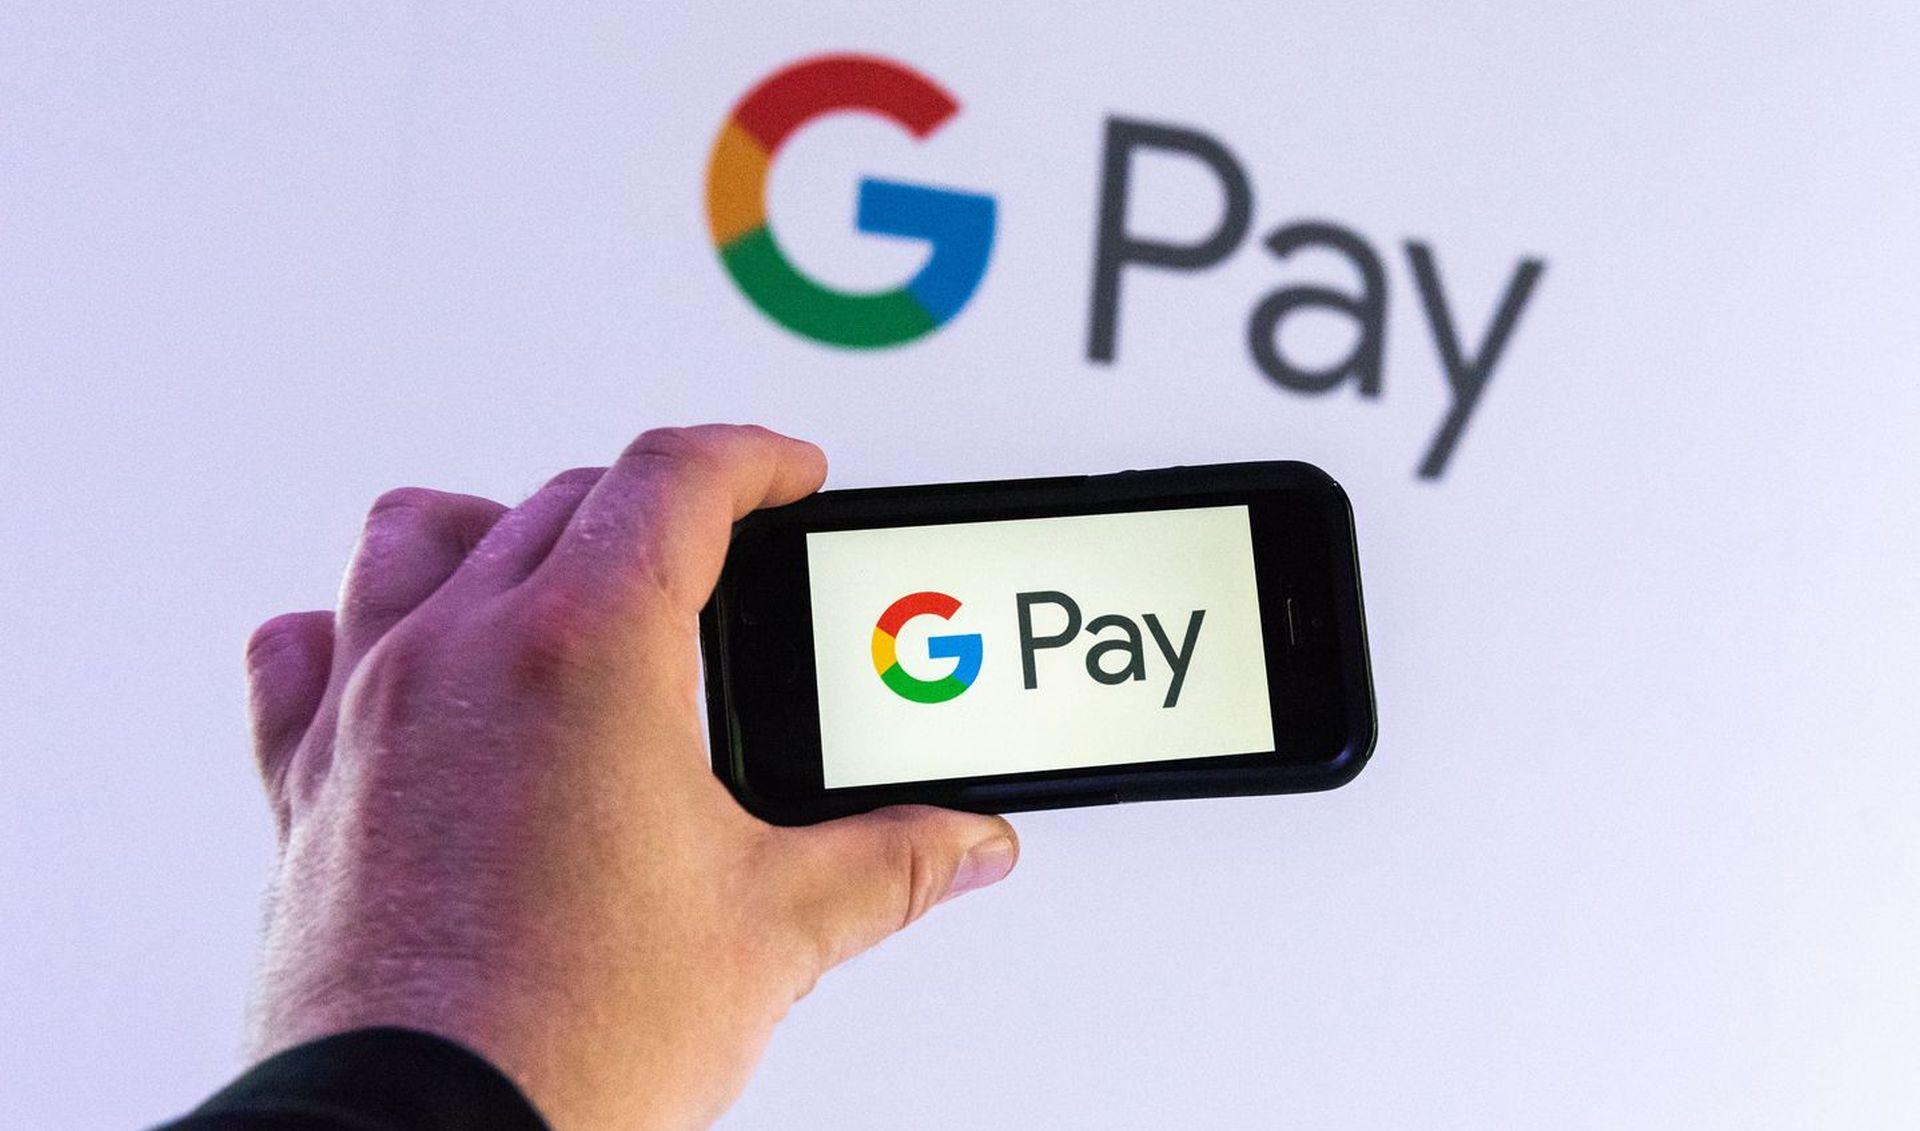 Hrvatska je prva zemlja u regiji s Google Pay uslugom